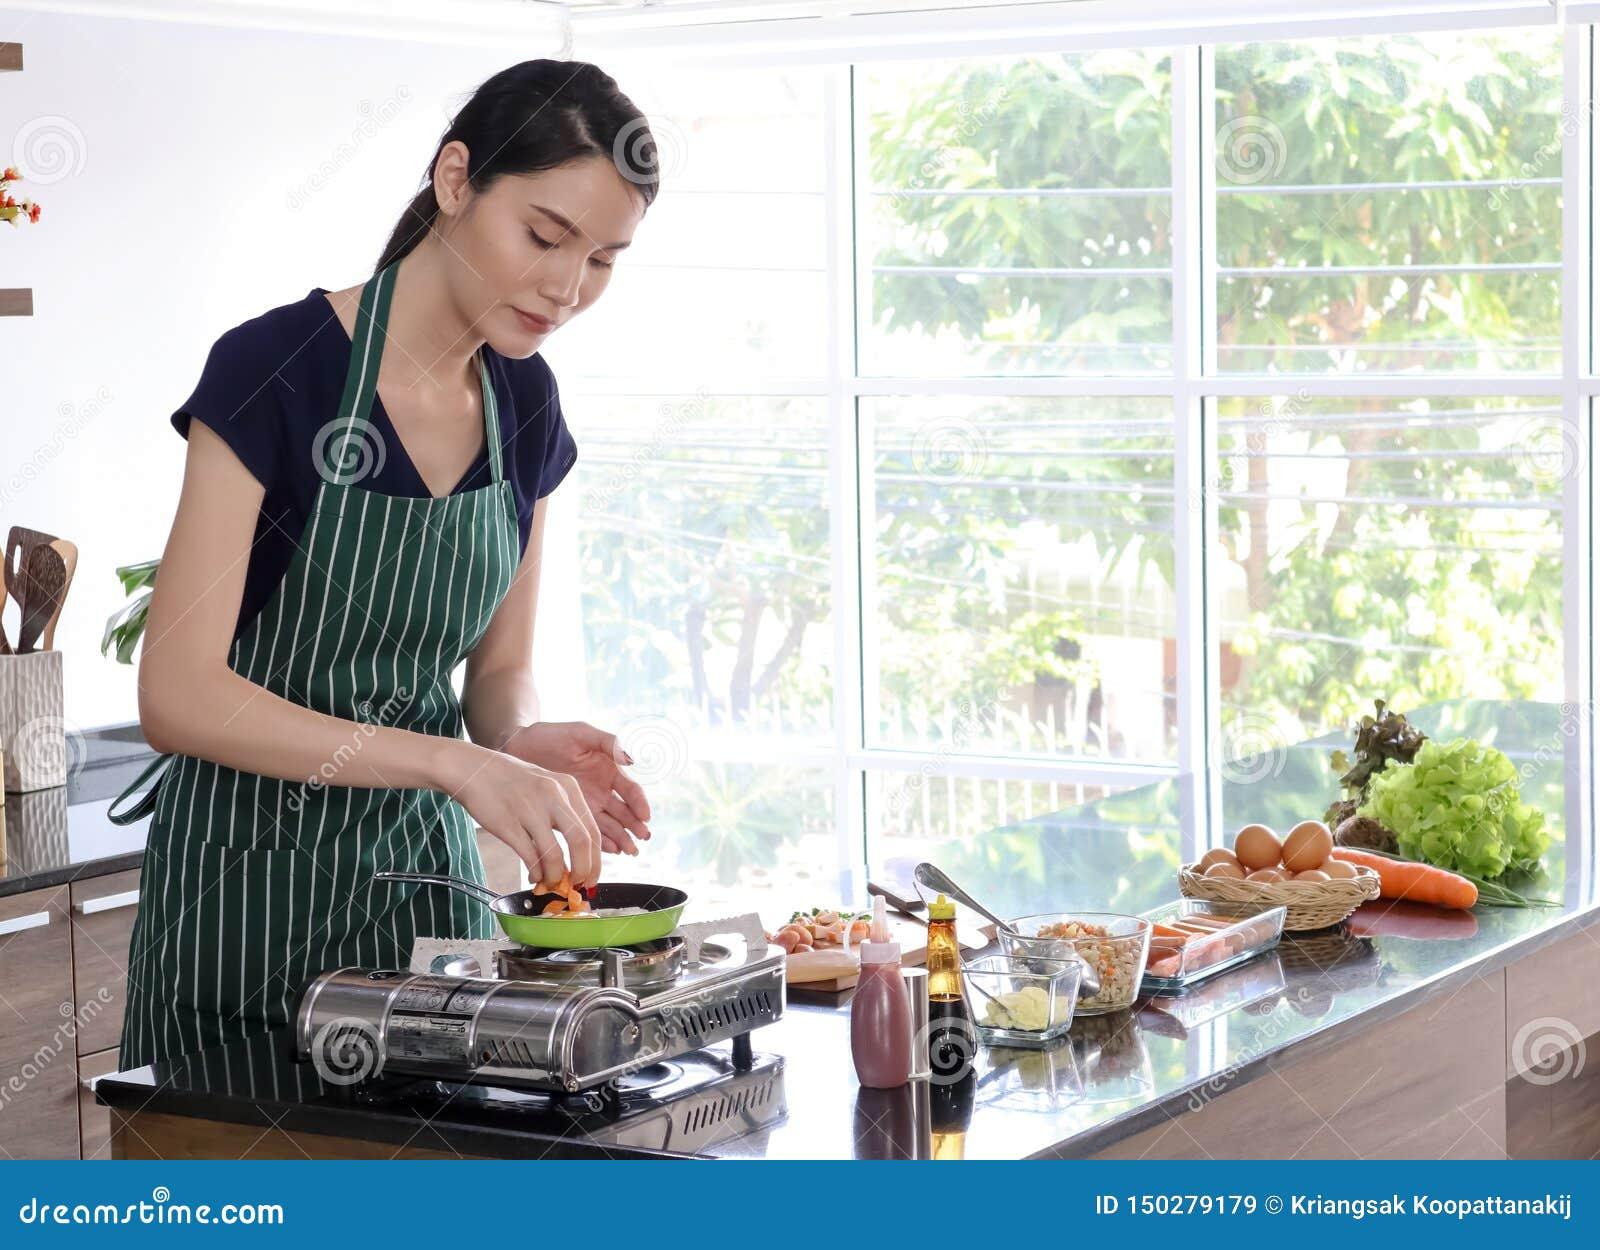 Νέα όμορφη ασιατική γυναίκα με τους πράσινους μάγειρες ποδιών λωρίδων στο τηγάνι